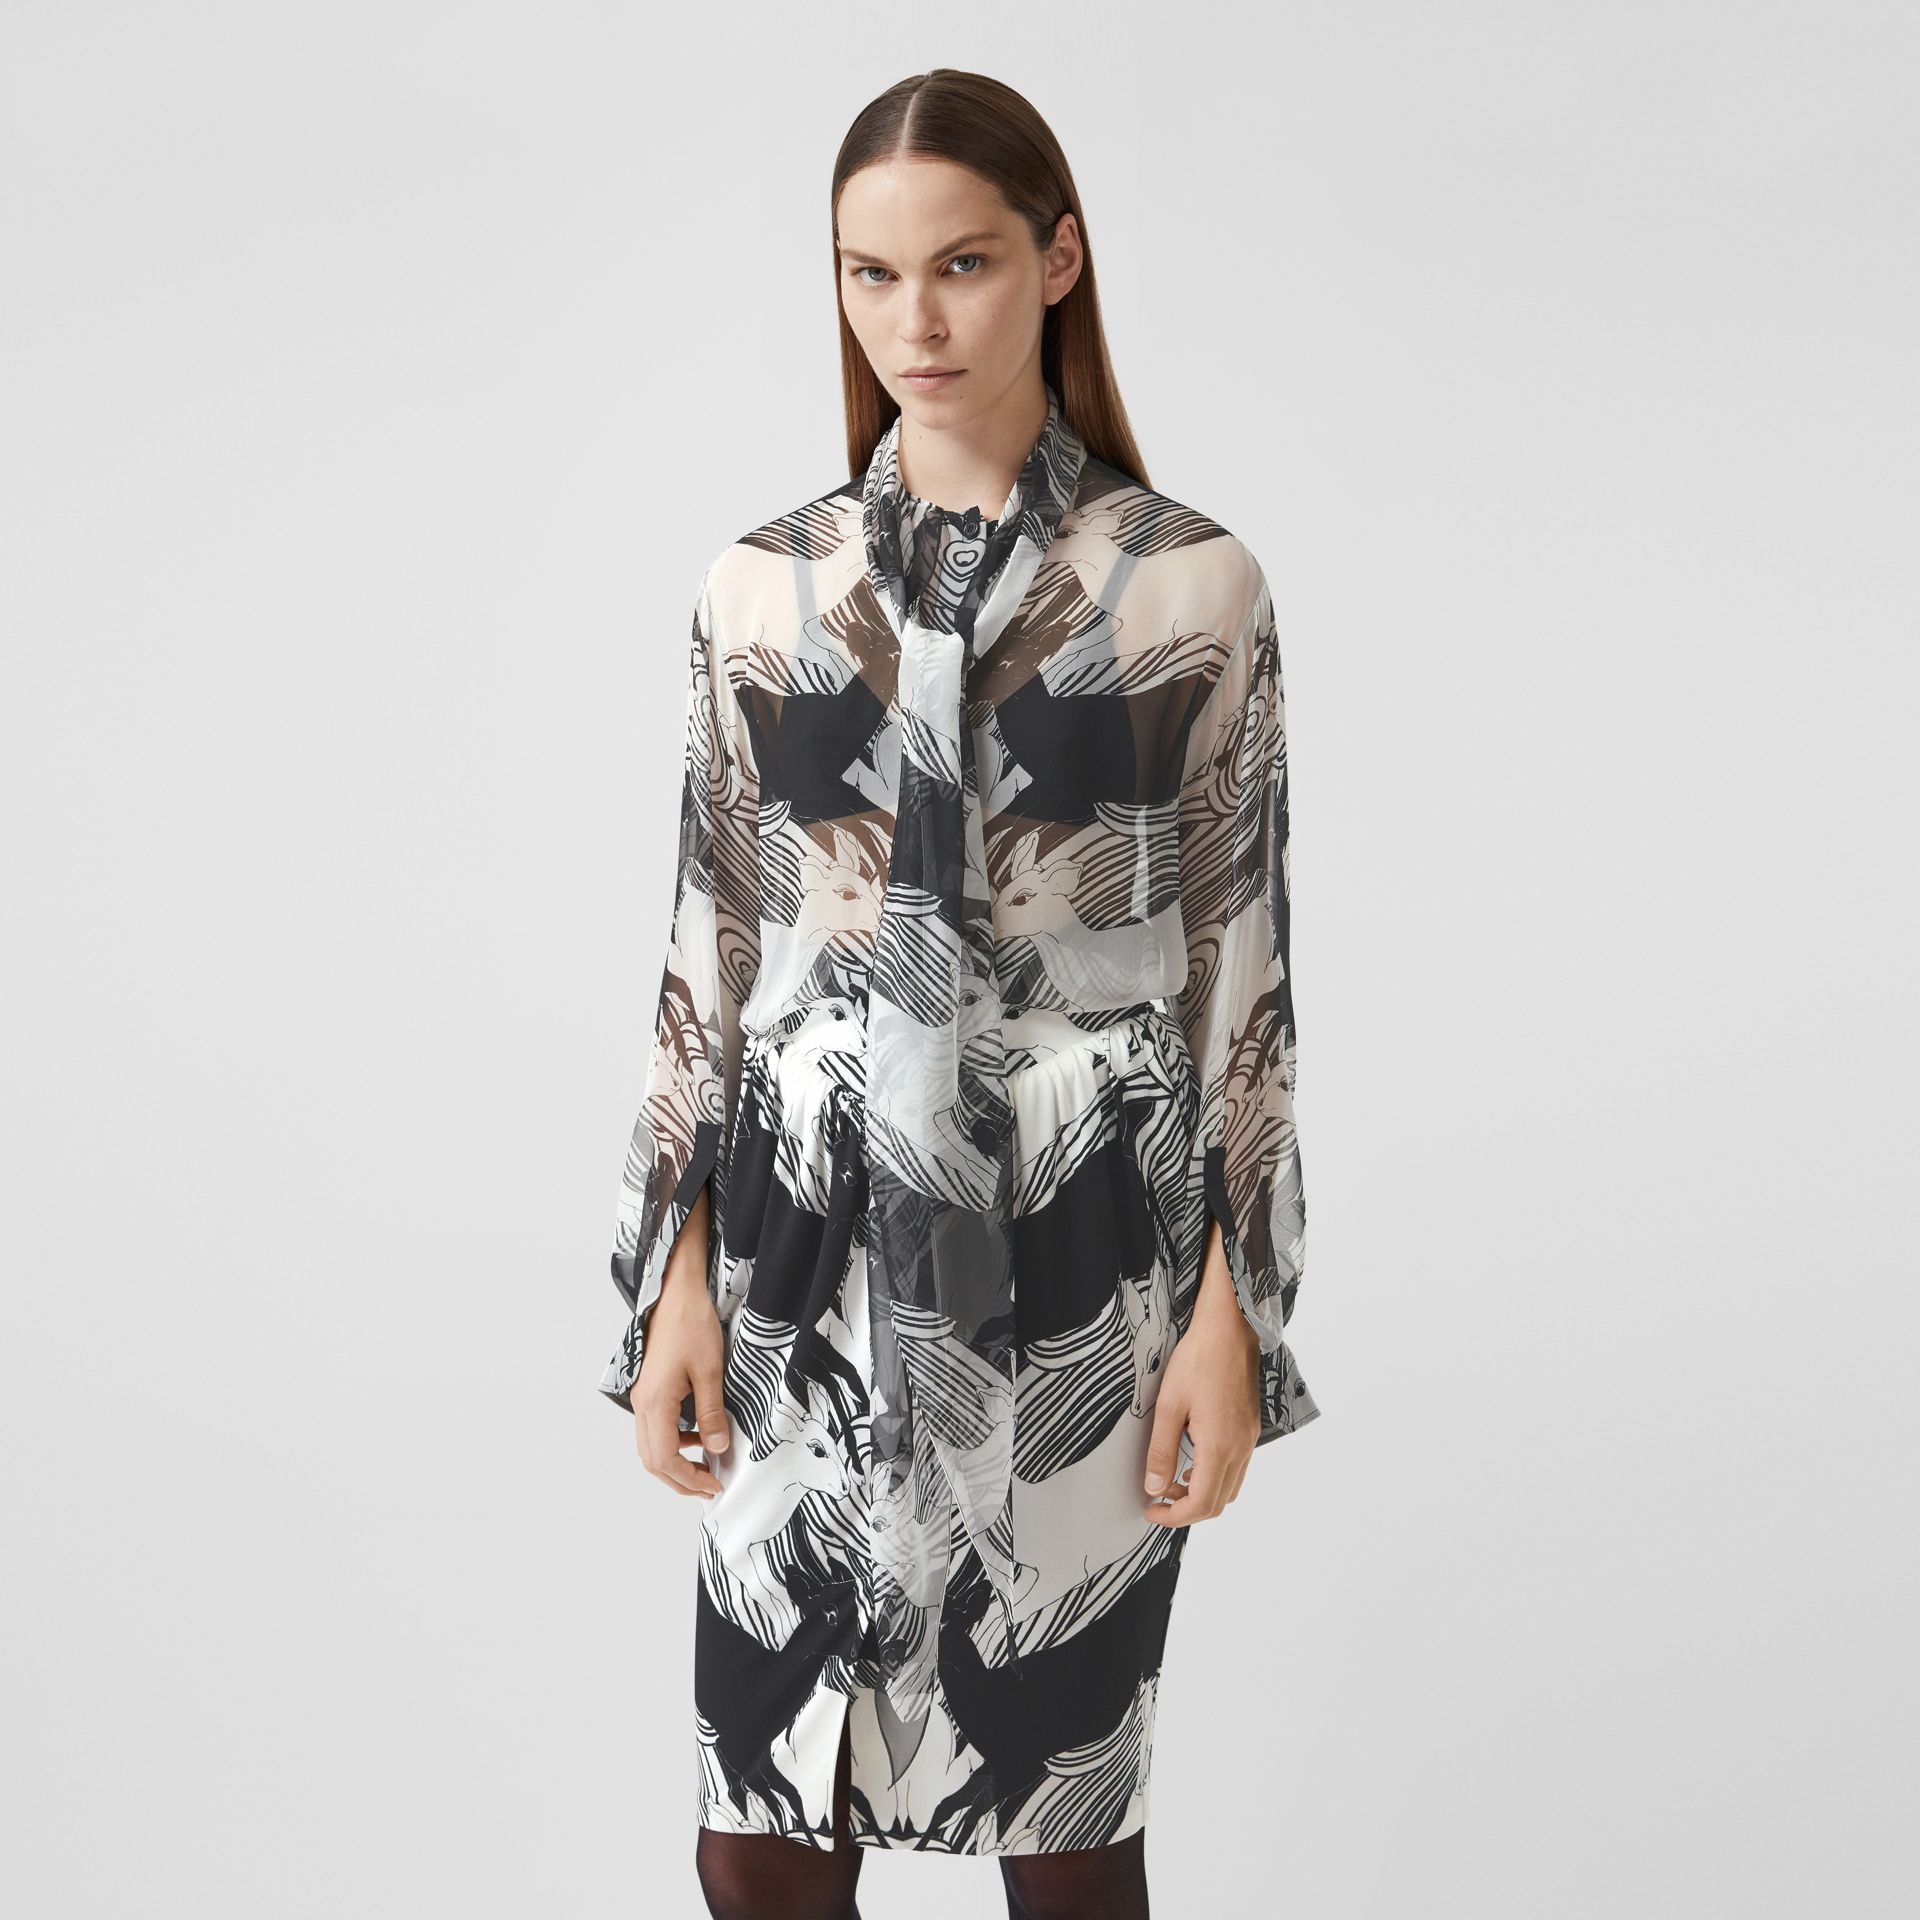 Bluse aus Seidenchiffon mit Rehmotiven und Schleifendetail (Schwarz-weiß) - Damen | Burberry - Galerie-Bild 4